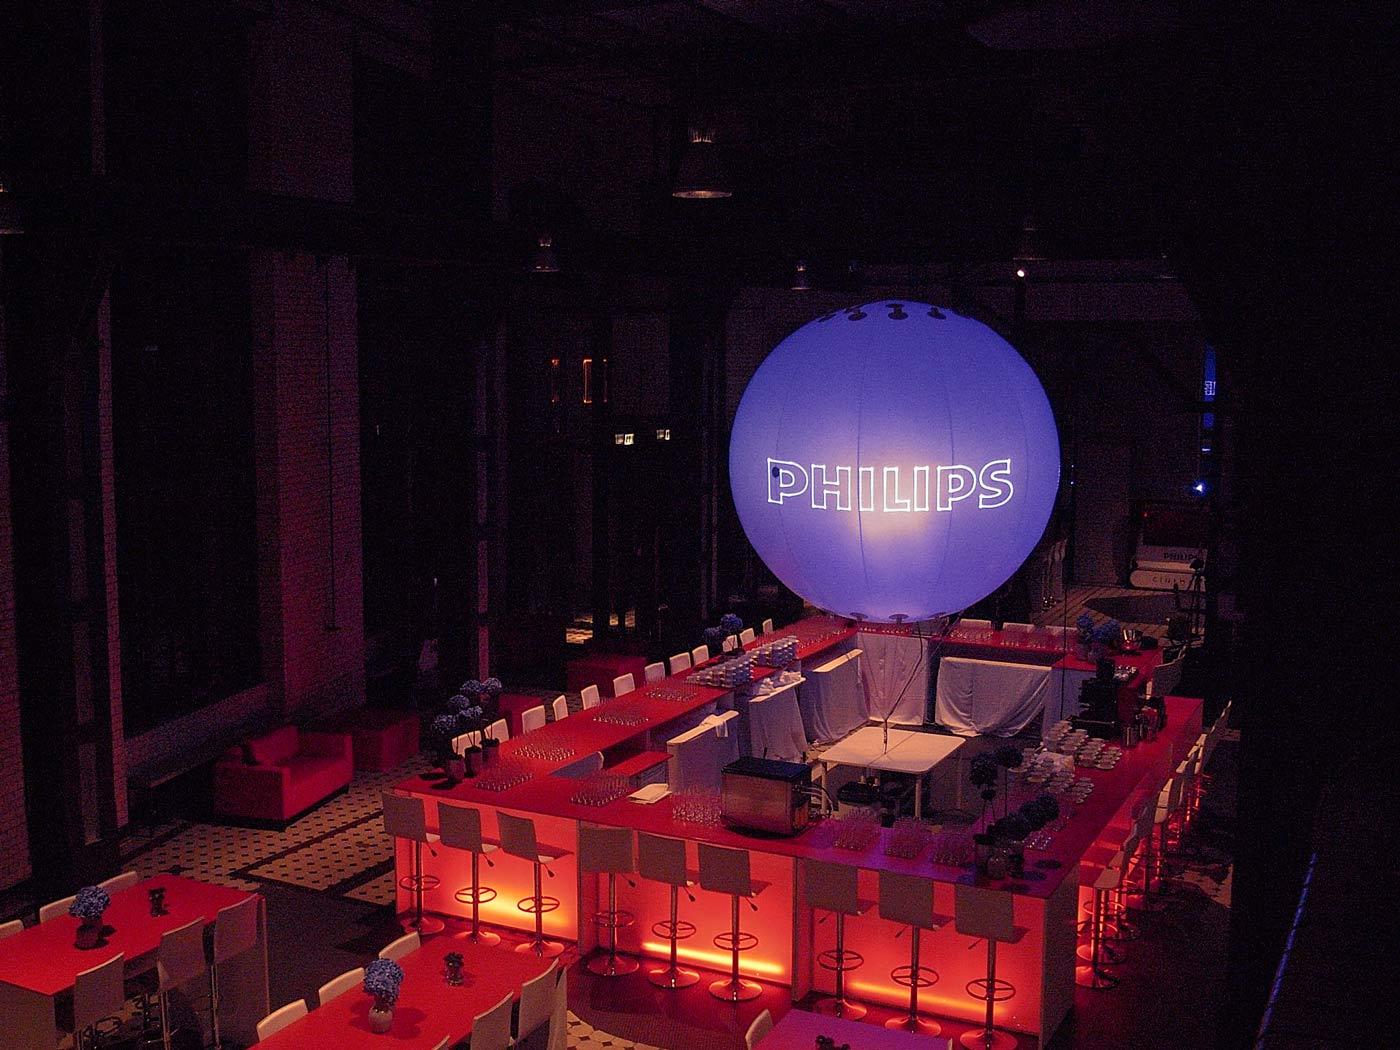 Werbeballon mit Philips Logo über einer Bar